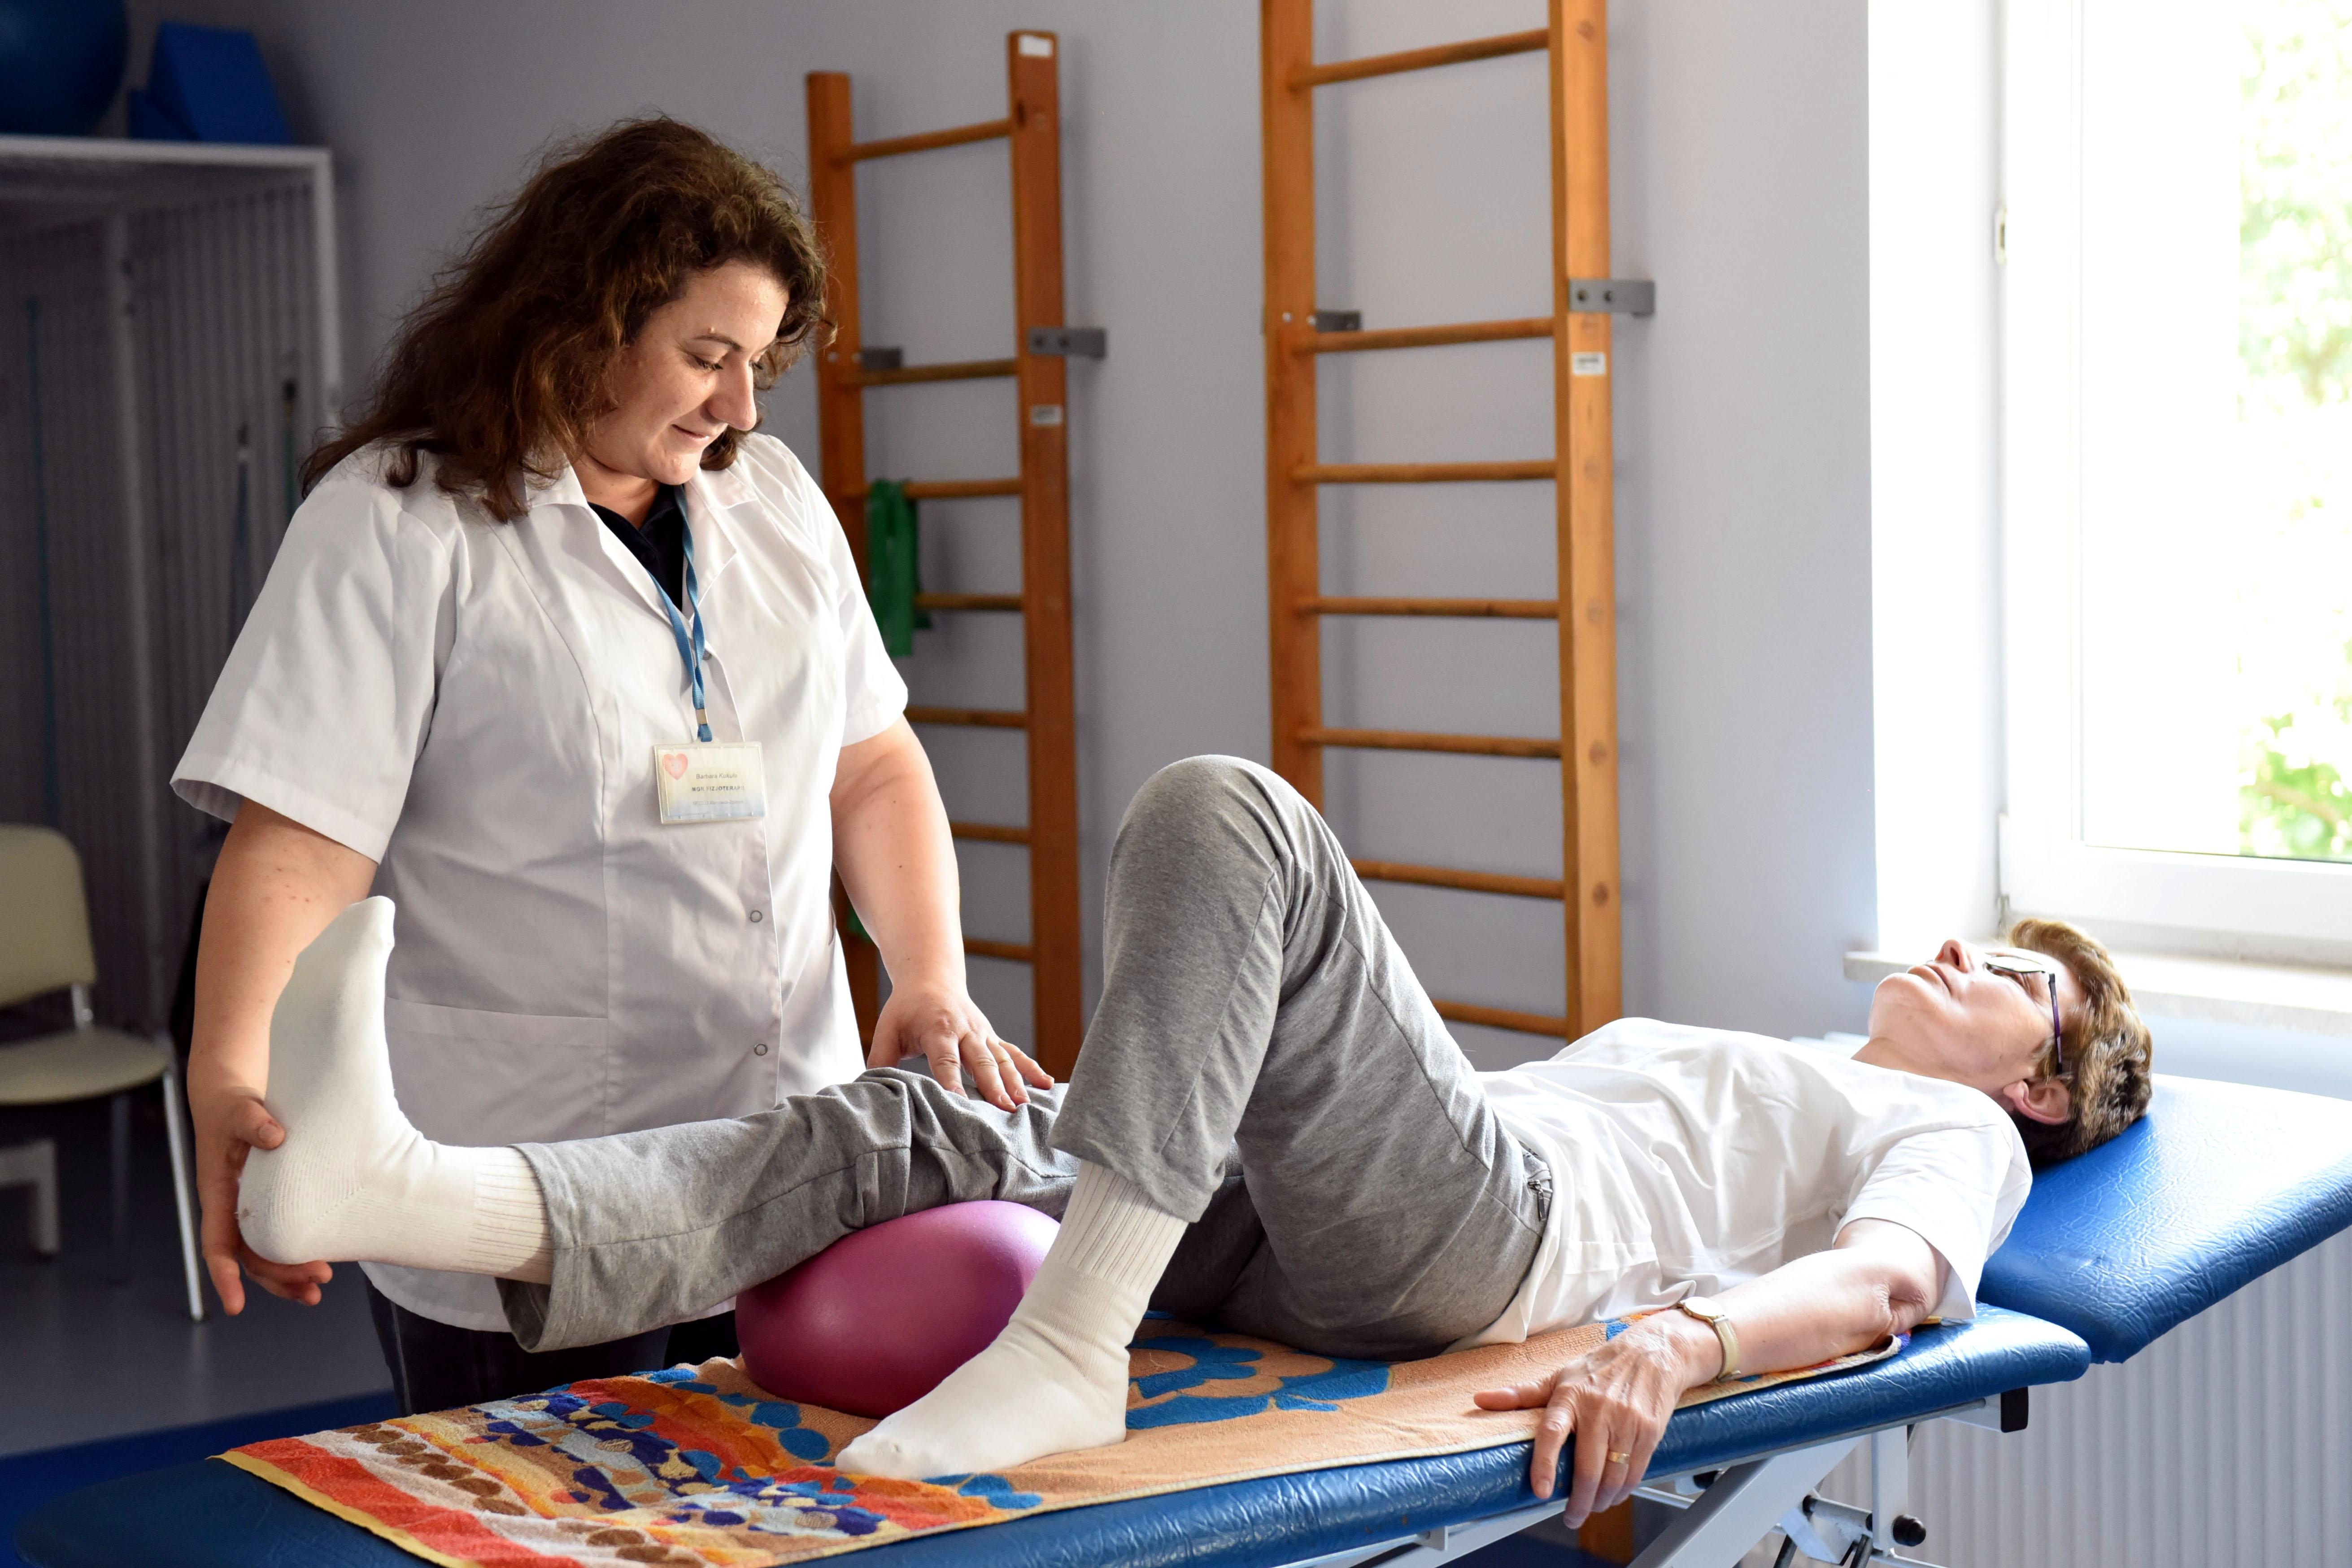 Pacjentka podczas ćwiczenia nadzorowanego przez rehabilitantkę